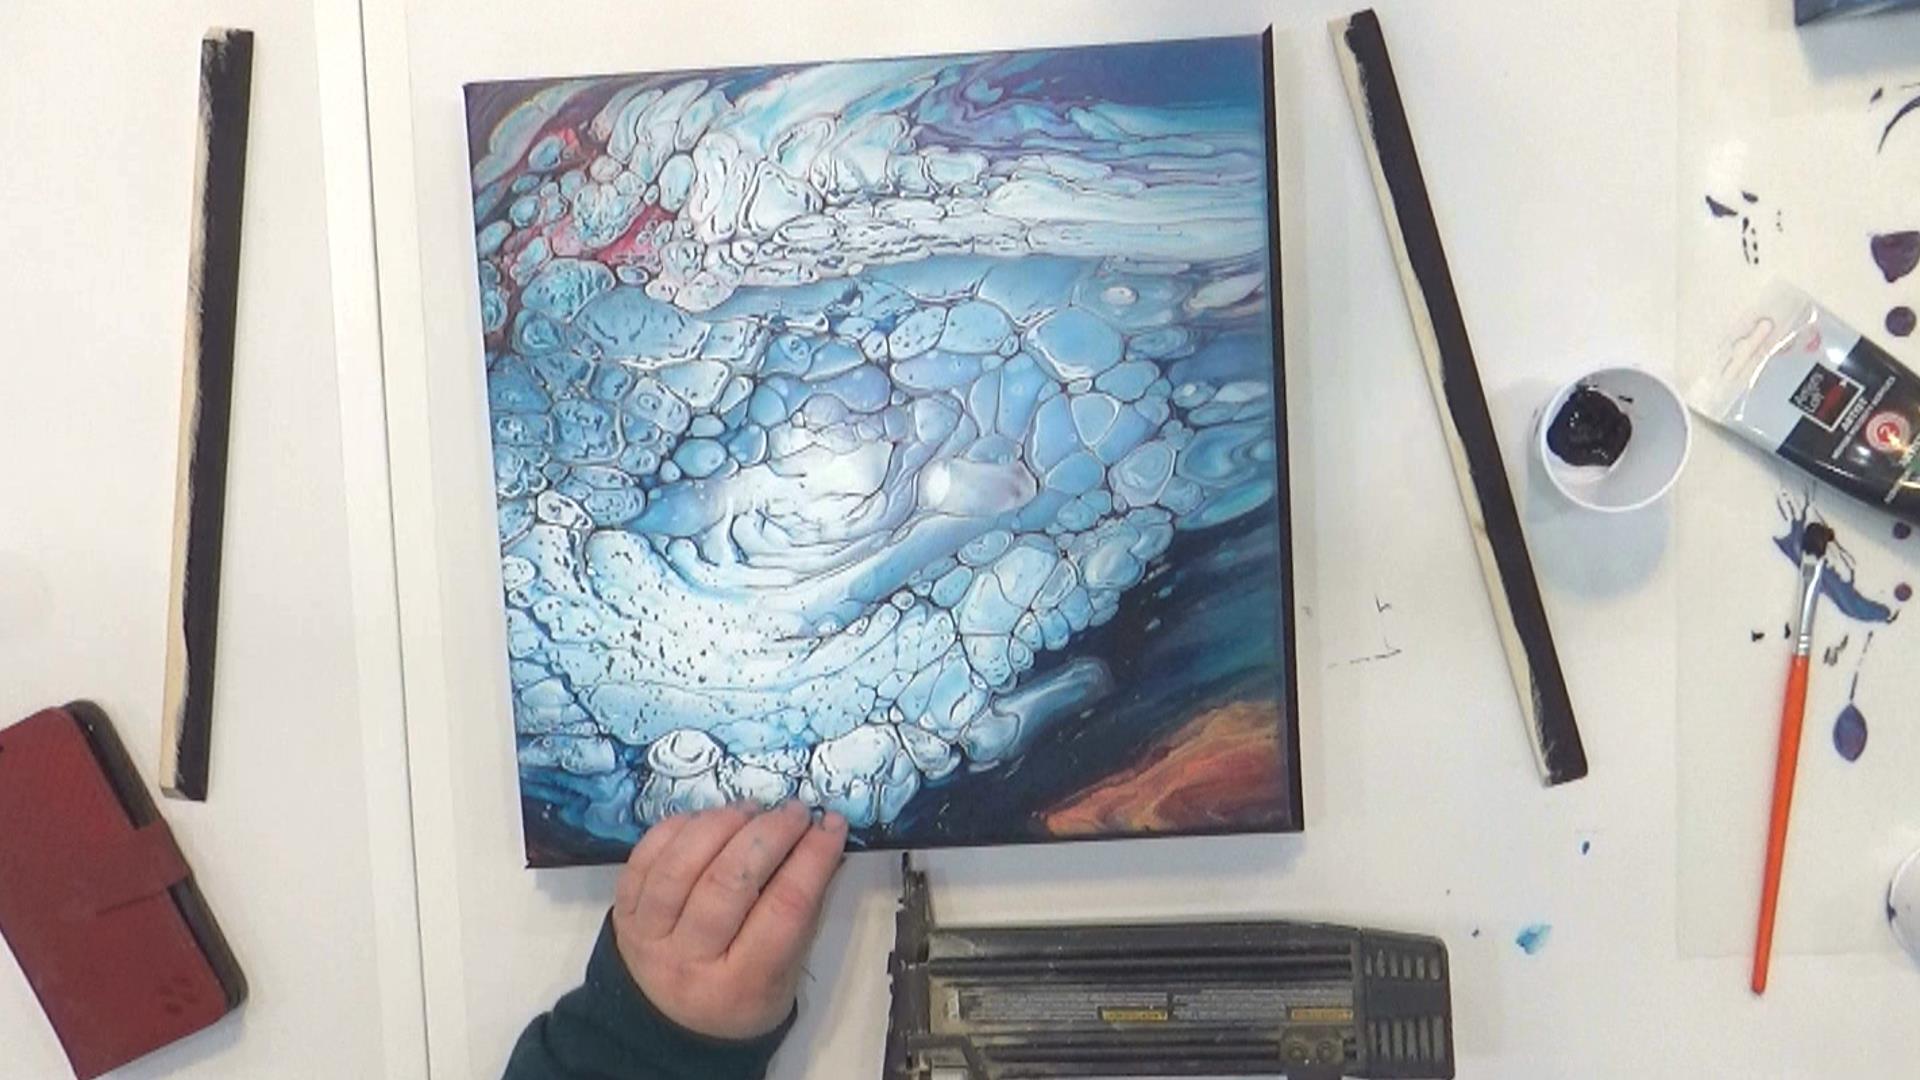 Cloud Pour - Avalanche - Clouer des pièces d'espacement aux bords de la toile